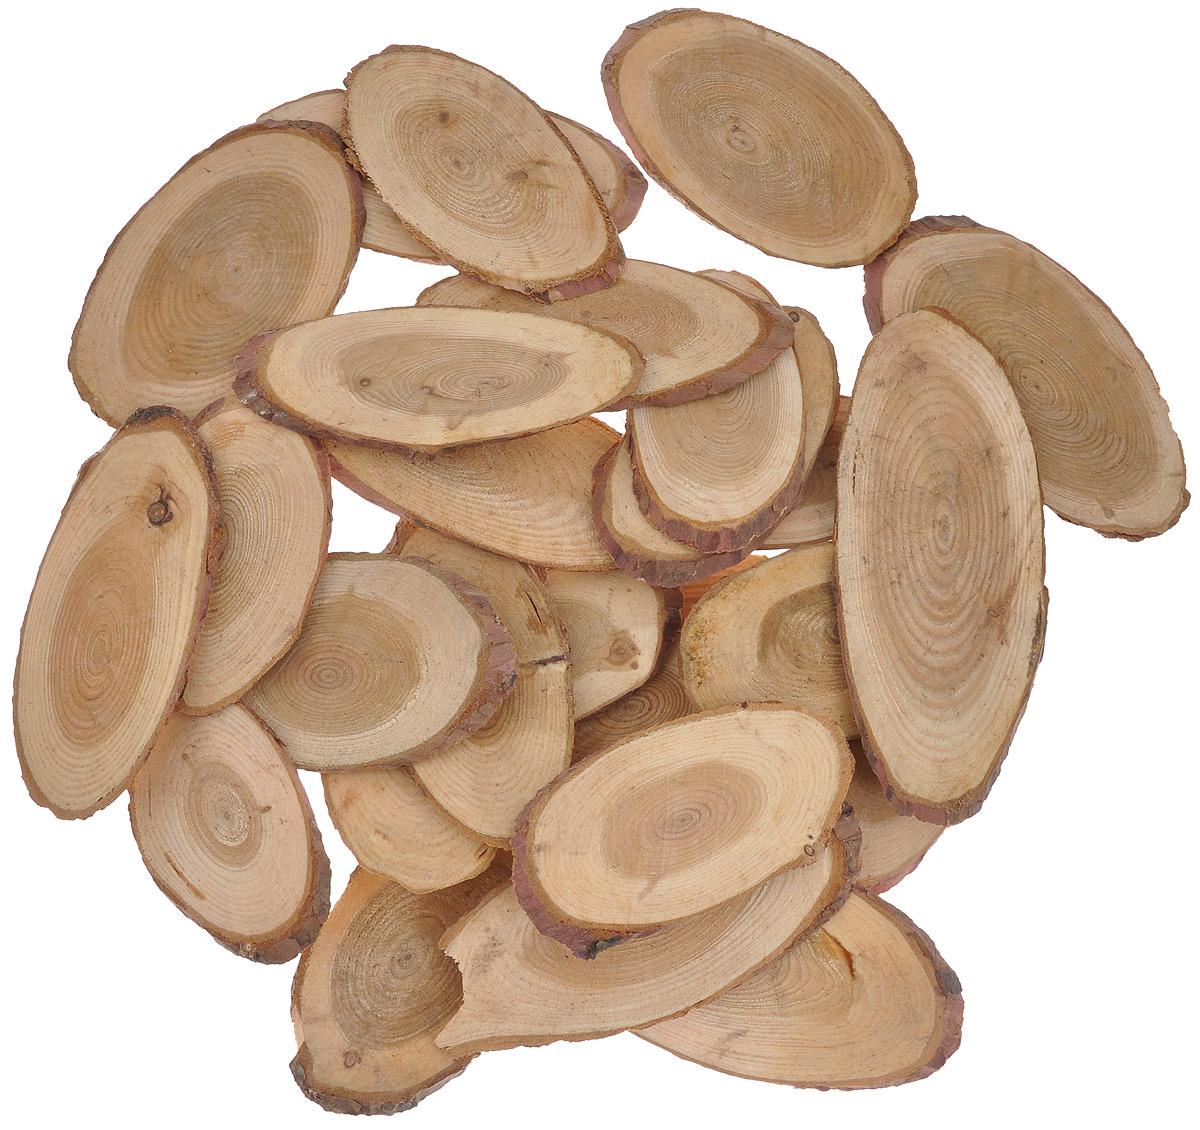 Декоративный элемент Dongjiang Art, цвет: натуральное дерево, толщина 4 мм, 250 г. 77089797708979_натуральное деоевоДекоративный элемент Dongjiang Art, изготовленный из натурального дерева, предназначен для украшения цветочных композиций. Изделие можно также использовать в технике скрапбукинг и многом другом. Флористика - вид декоративно-прикладного искусства, который использует живые, засушенные или консервированные природные материалы для создания флористических работ. Это целый мир, в котором есть место и строгому математическому расчету, и вдохновению. Толщина среза: 4 мм. Средний размер элемента: 4,5 см х 8,5 см.